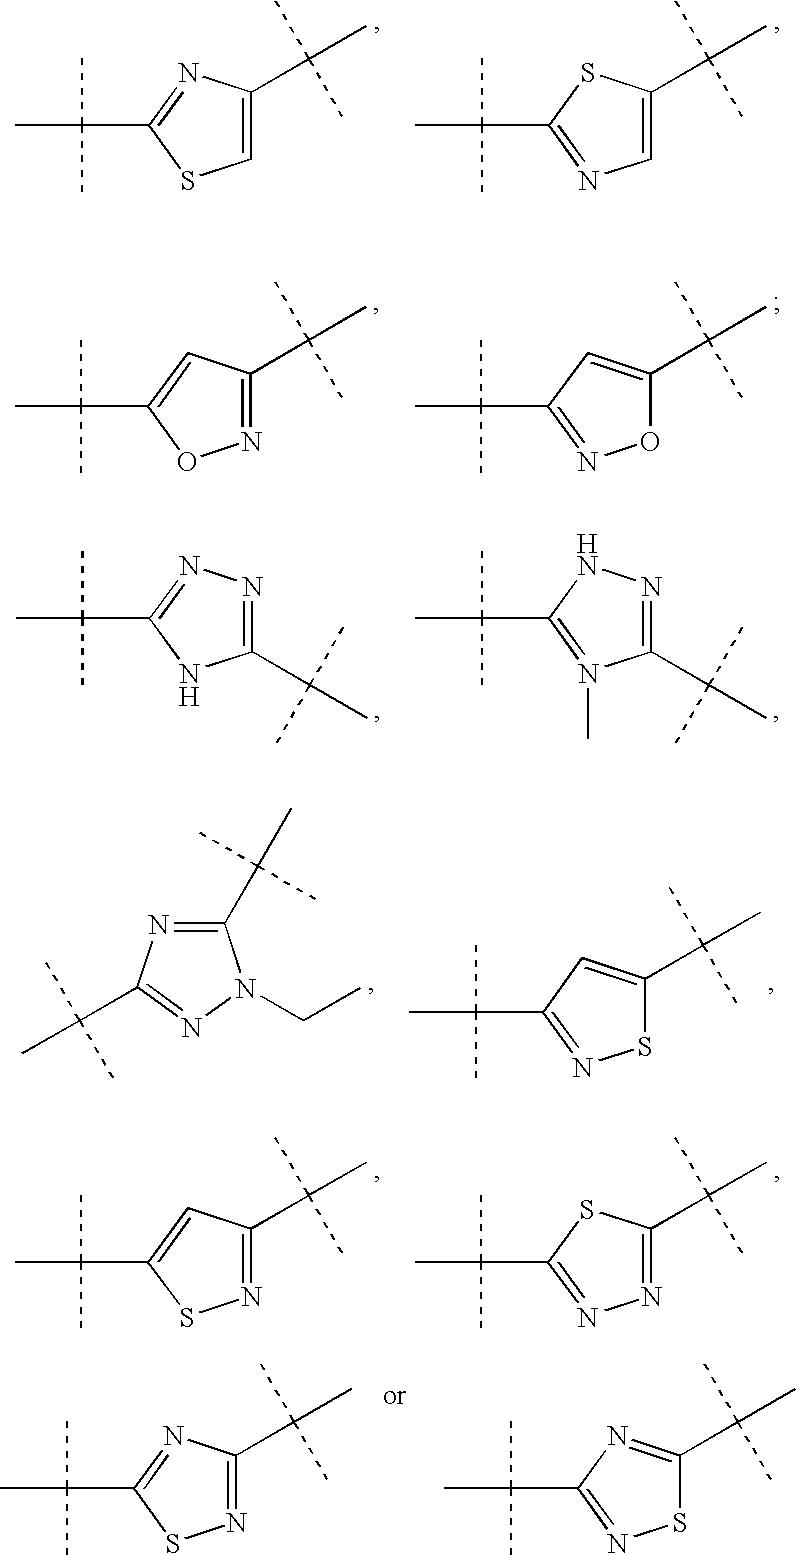 Figure US08372874-20130212-C00004